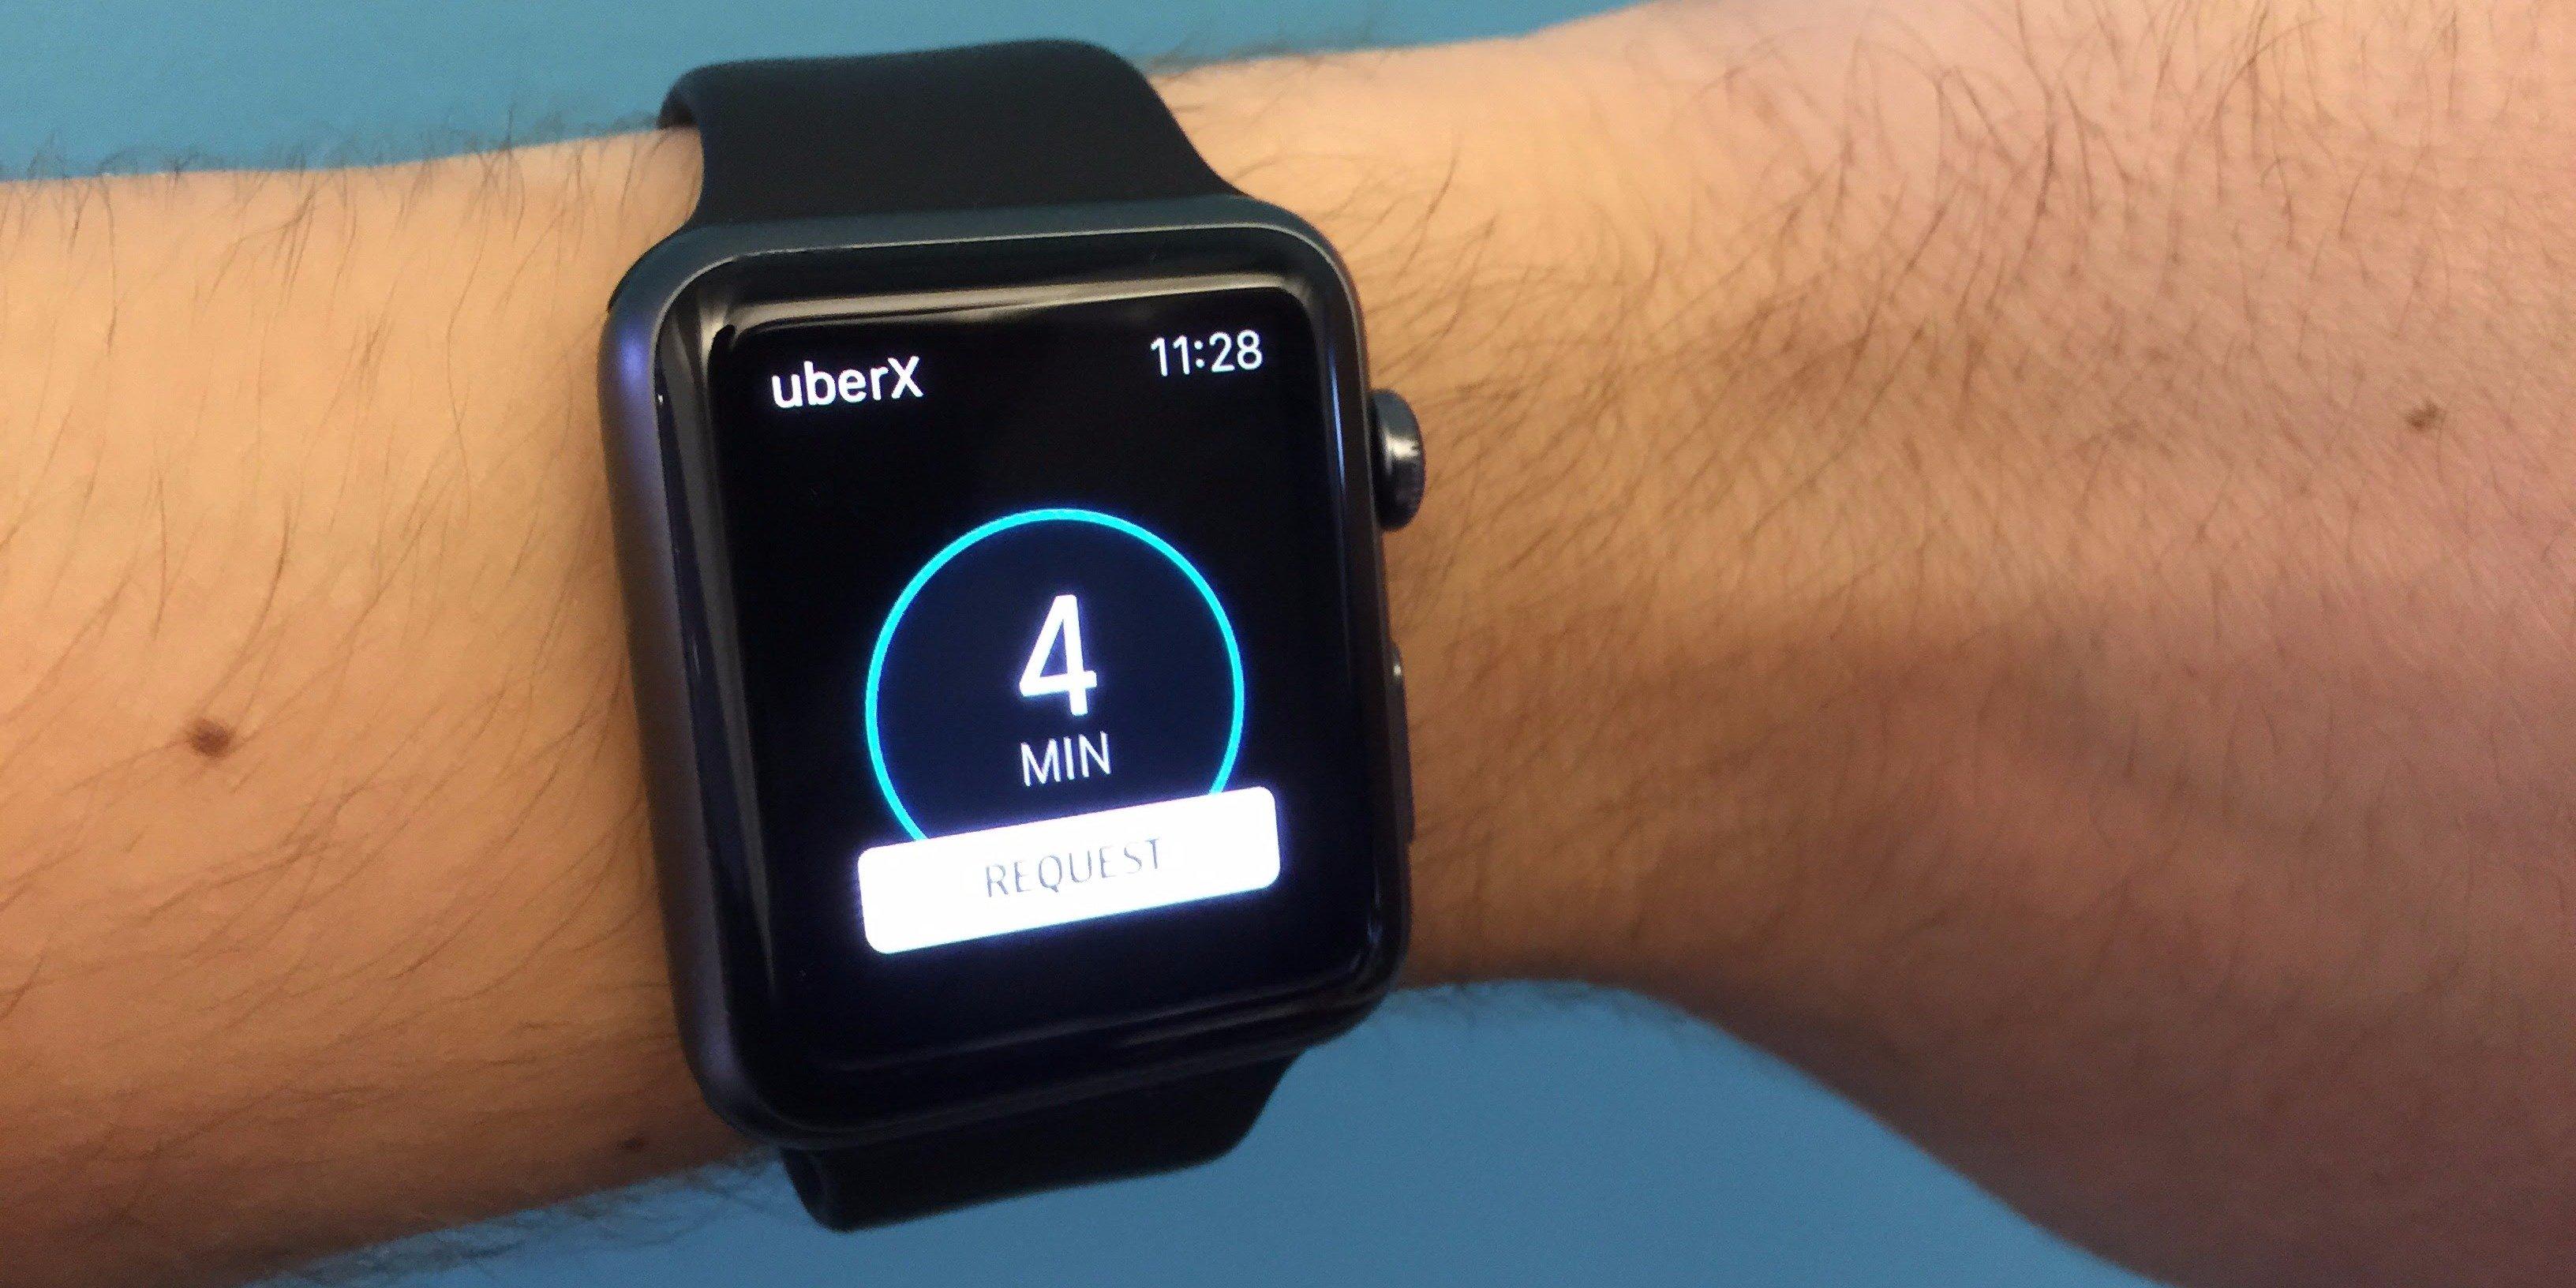 uber apple watch app